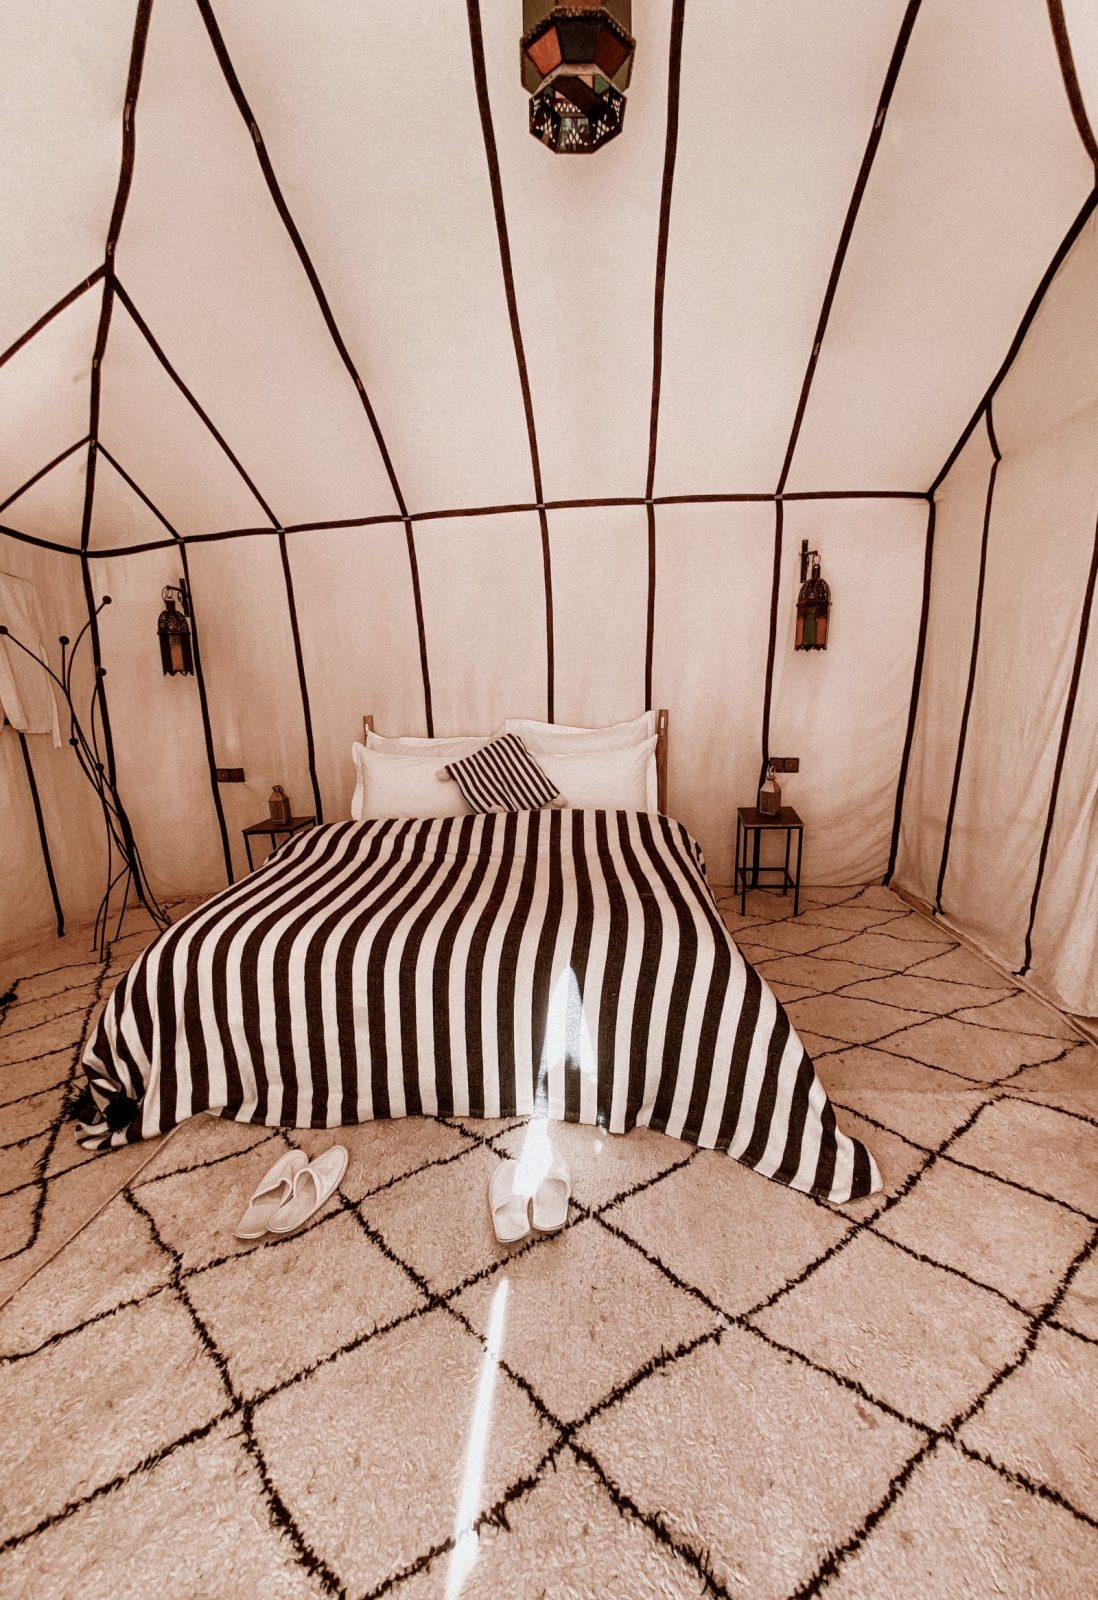 Black and white tent tiziri